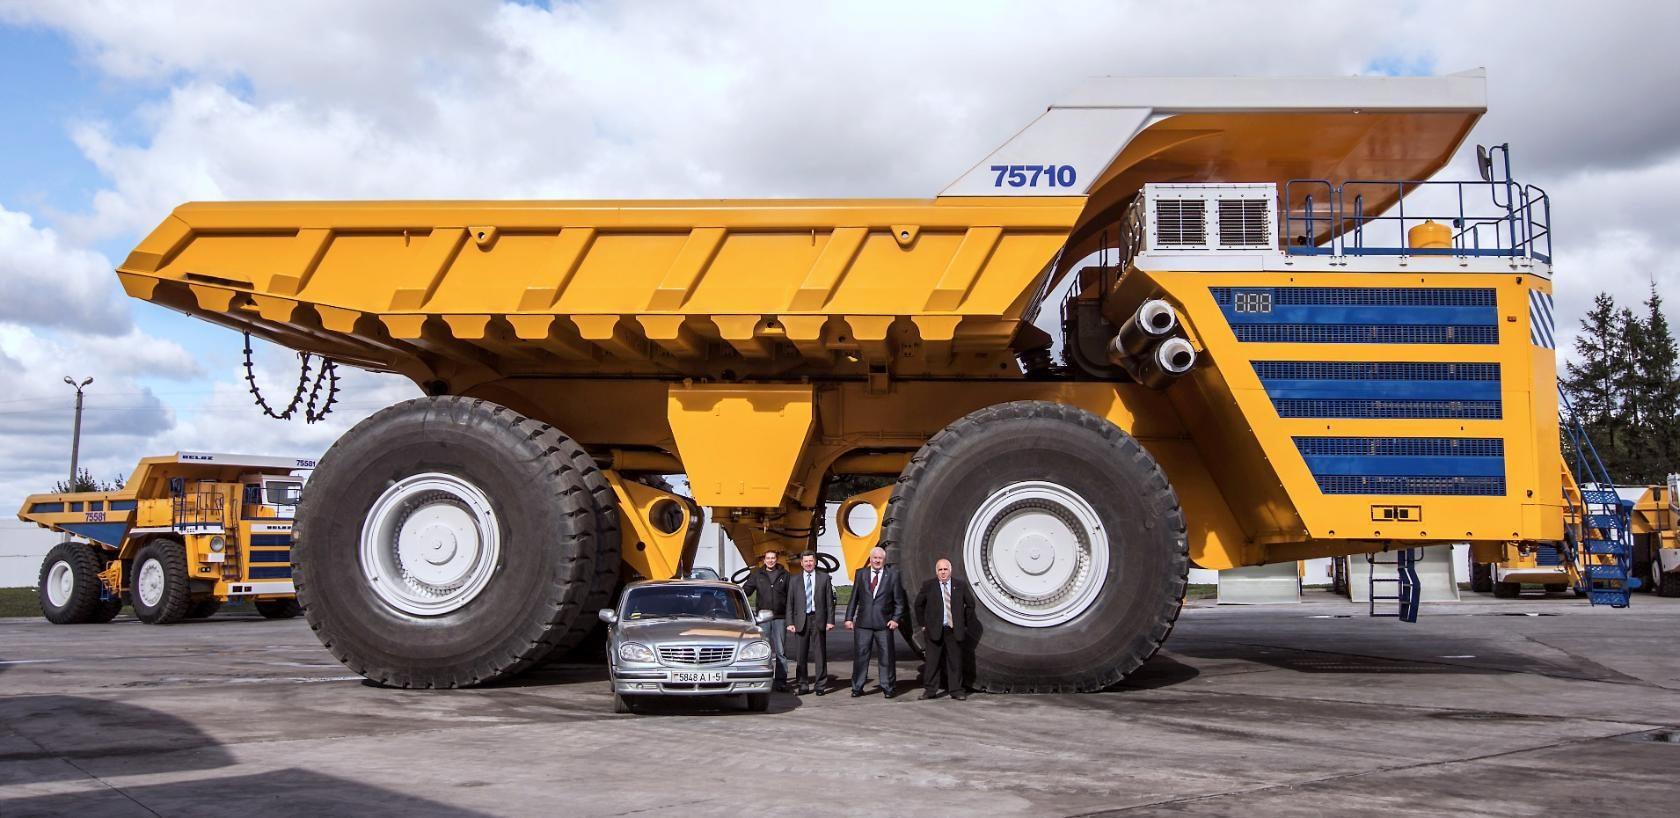 Самые самые автомобили в мире. БелАЗ-75710